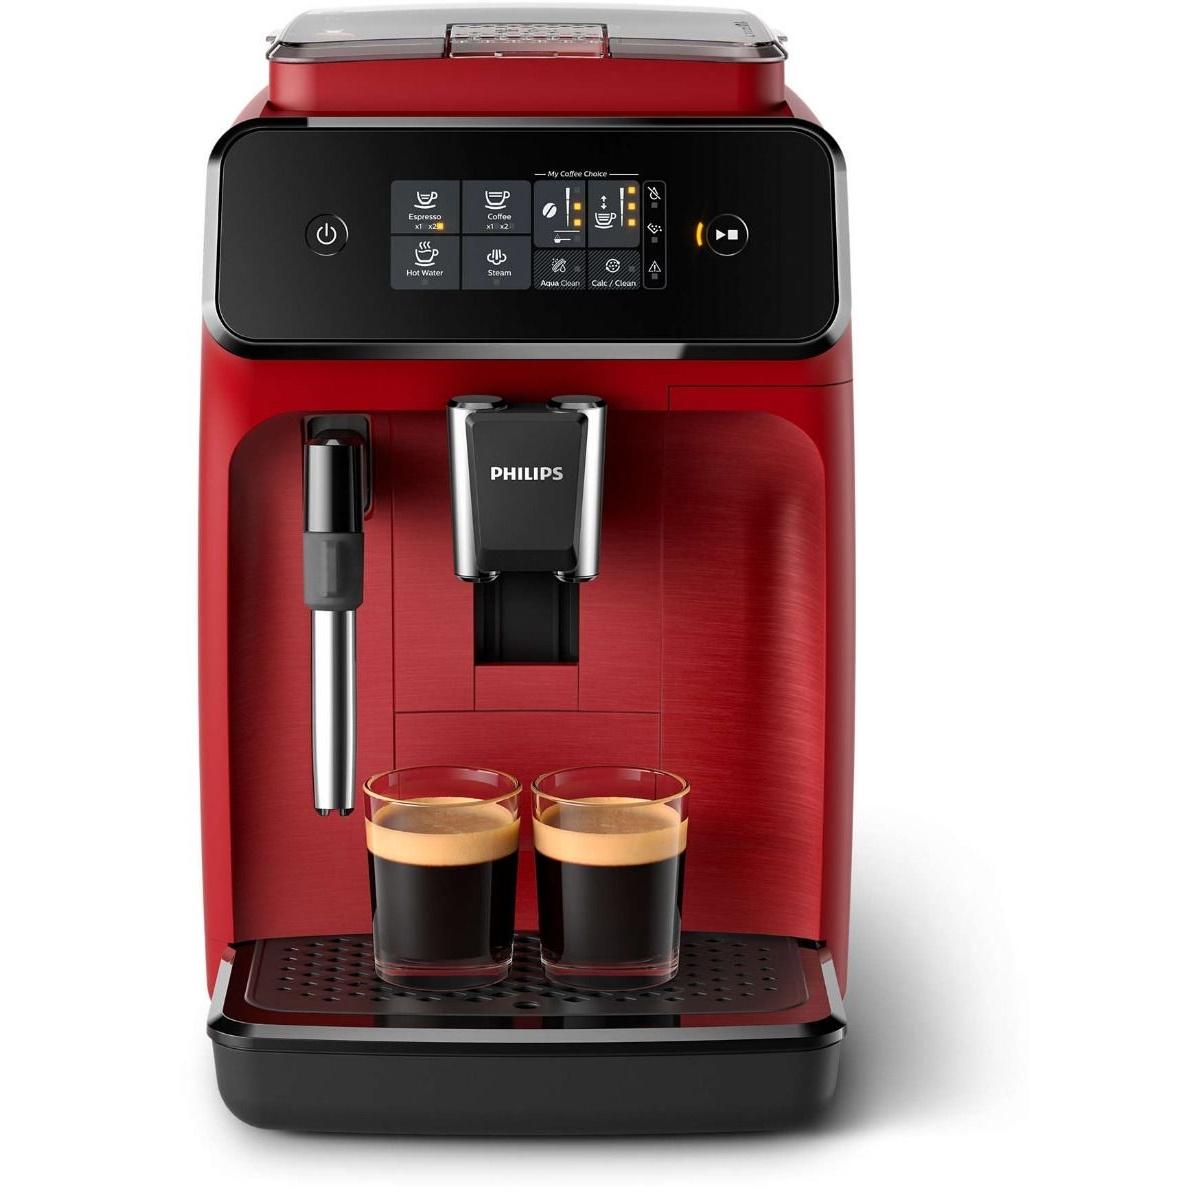 Espressor automat EP1222/00 Philips, 15 bari, 1.8 L, Ecran tactil, Rosu